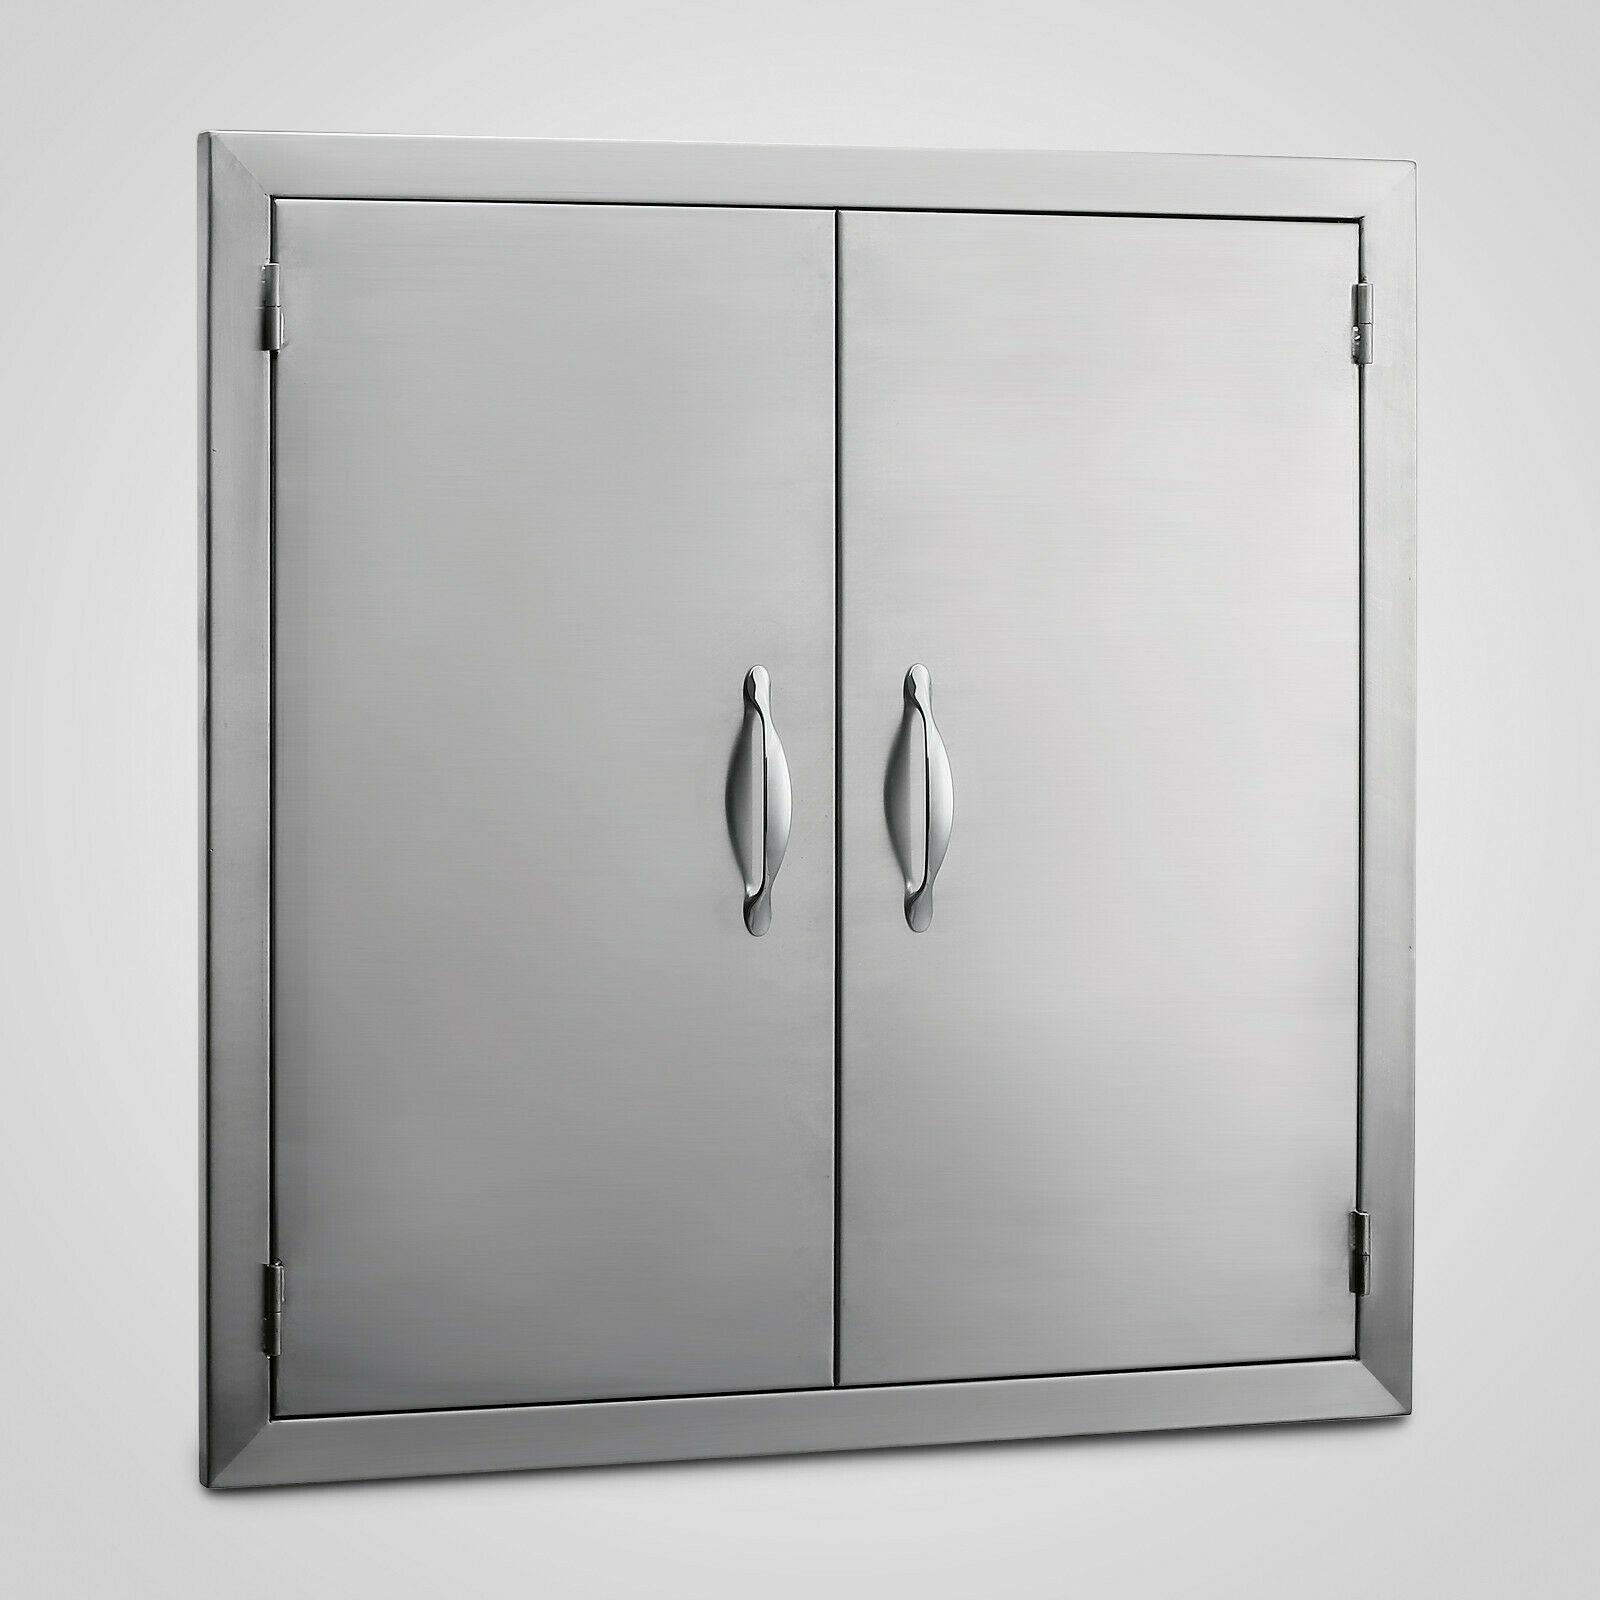 Double Walled Access Door 24